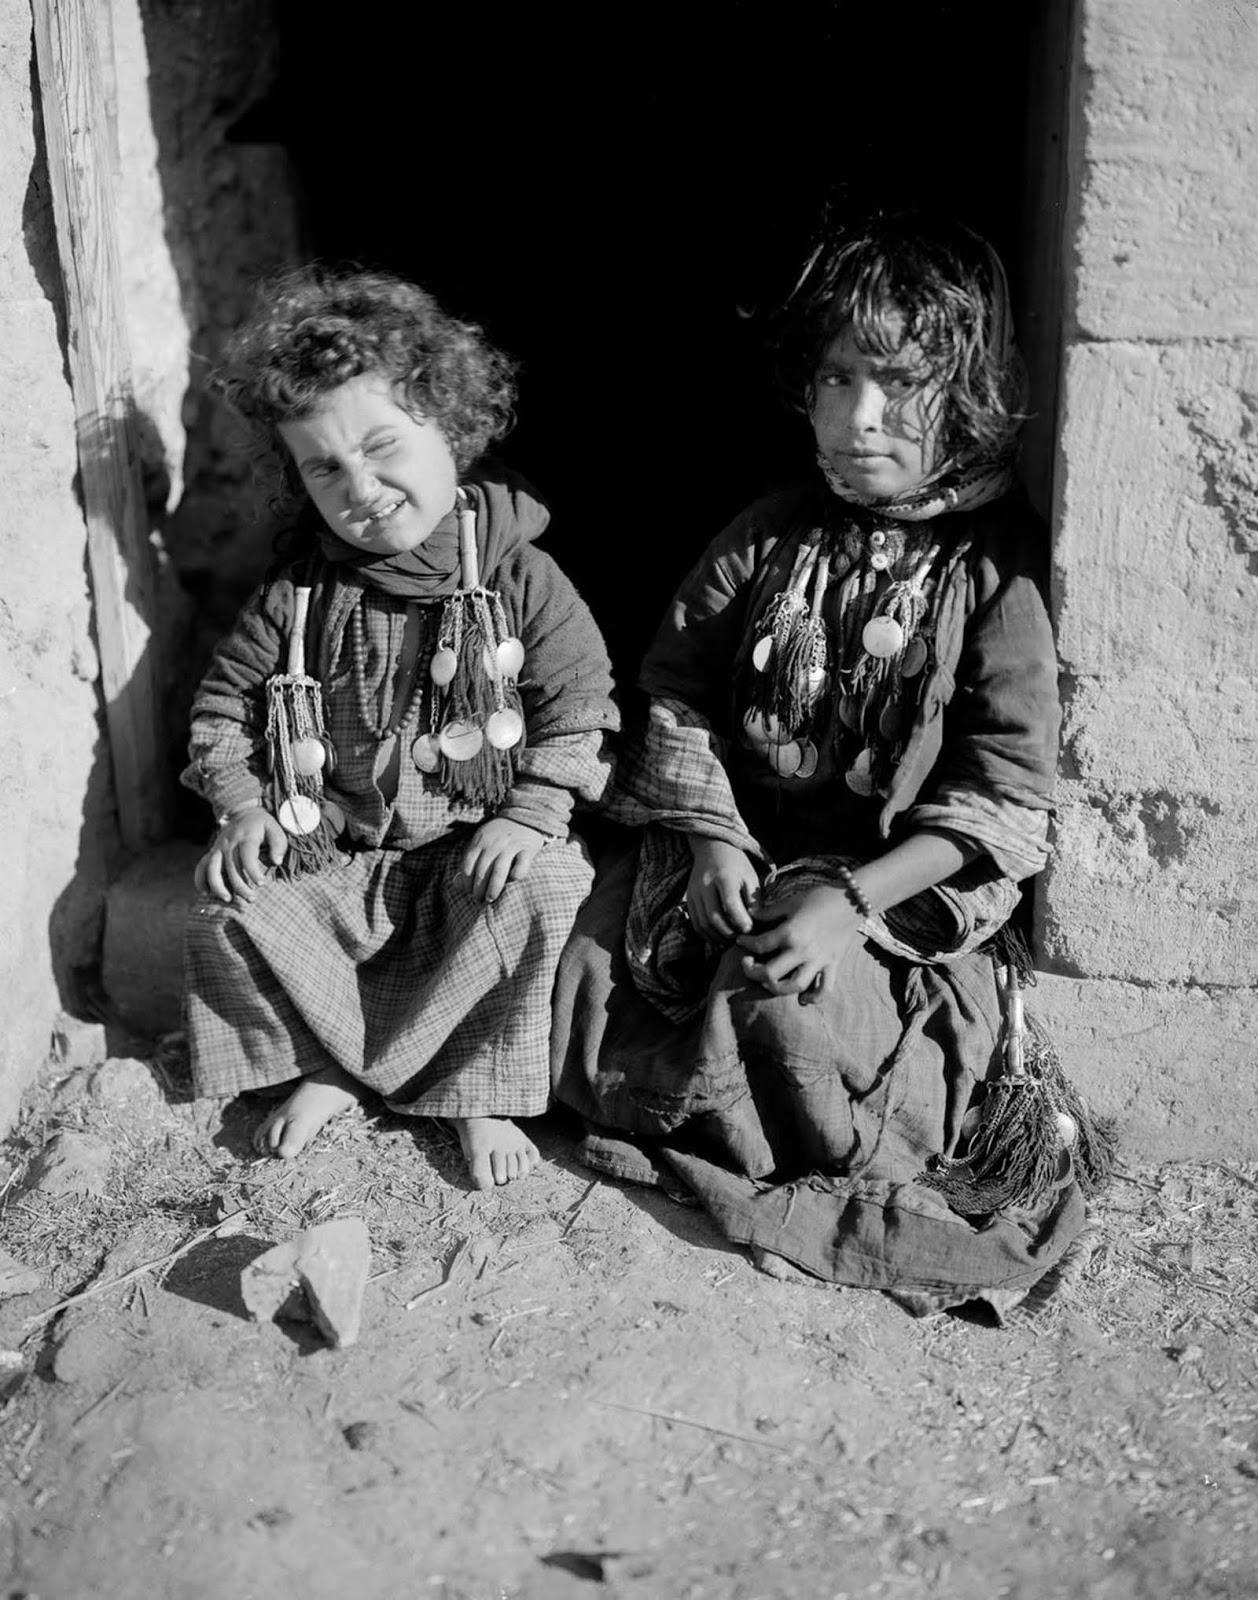 Bedouin kids.